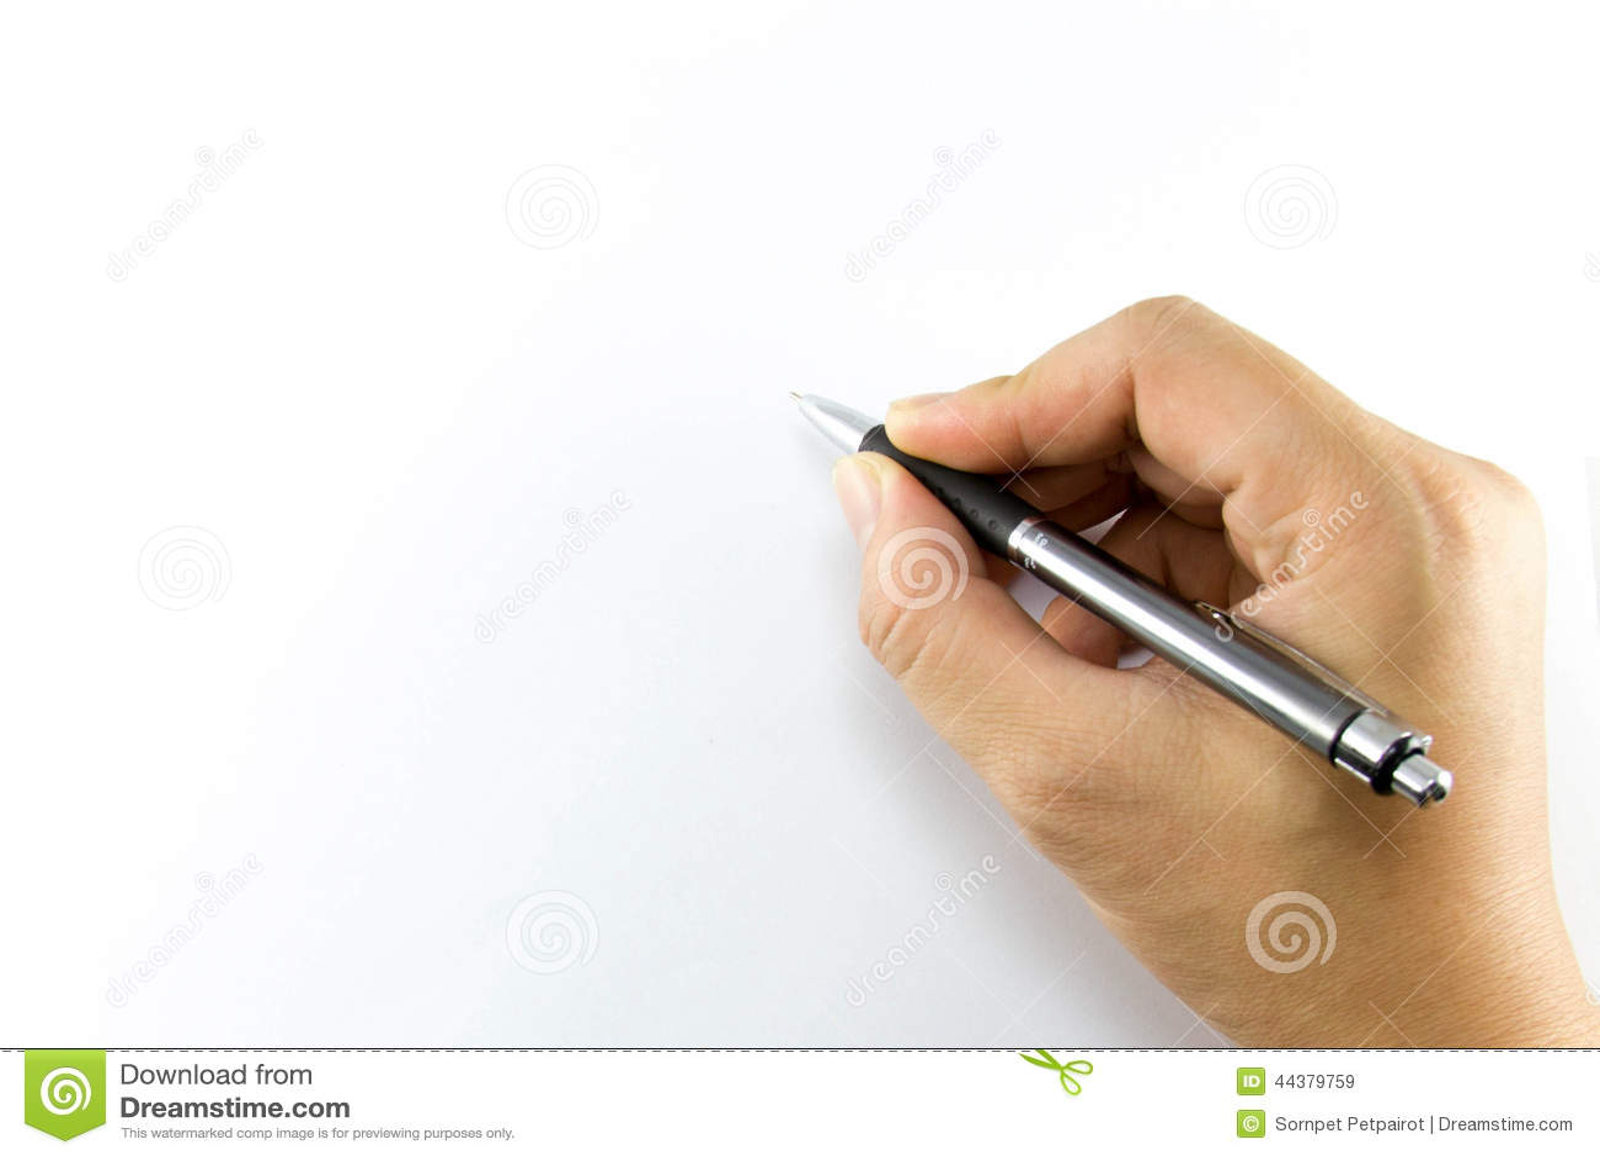 Briefe Mit Der Hand Schreiben : Hand write on notebook stock photo image